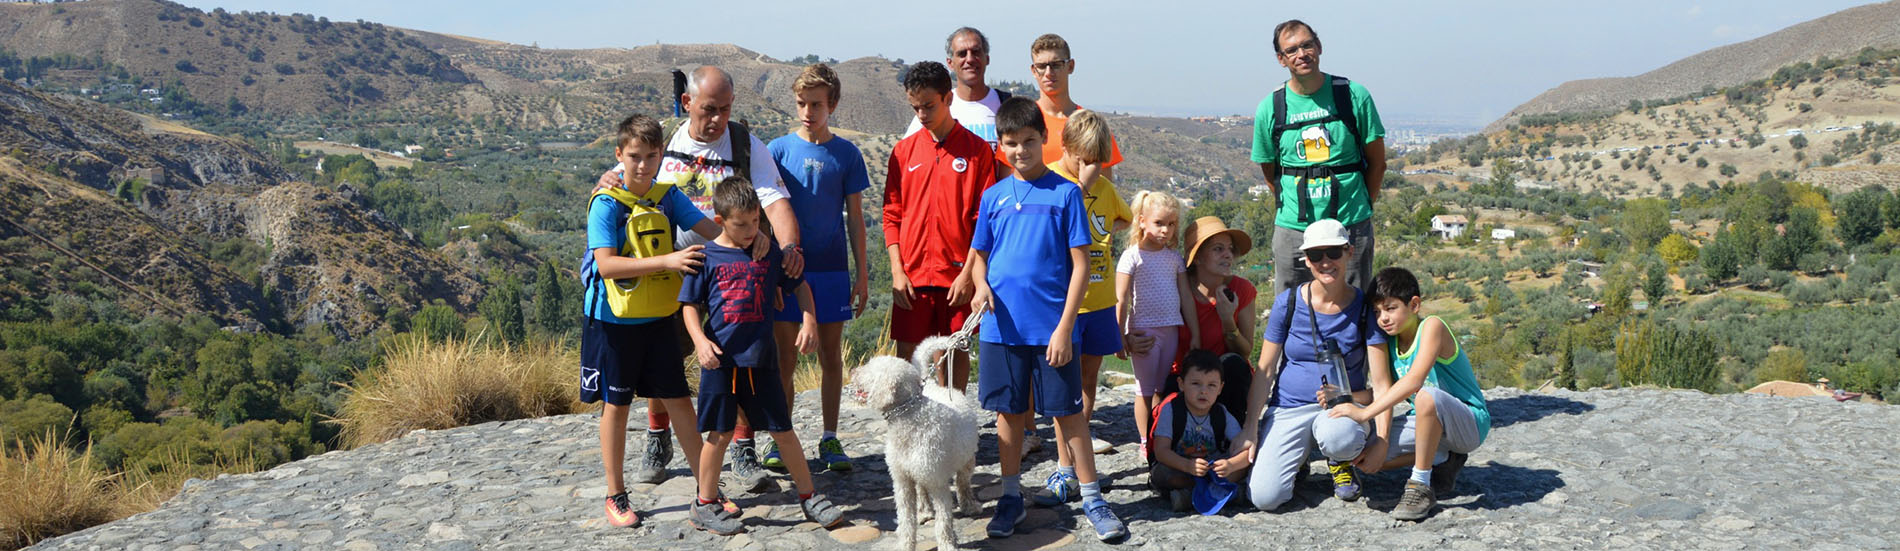 Excursión familiar a Los Cahorros